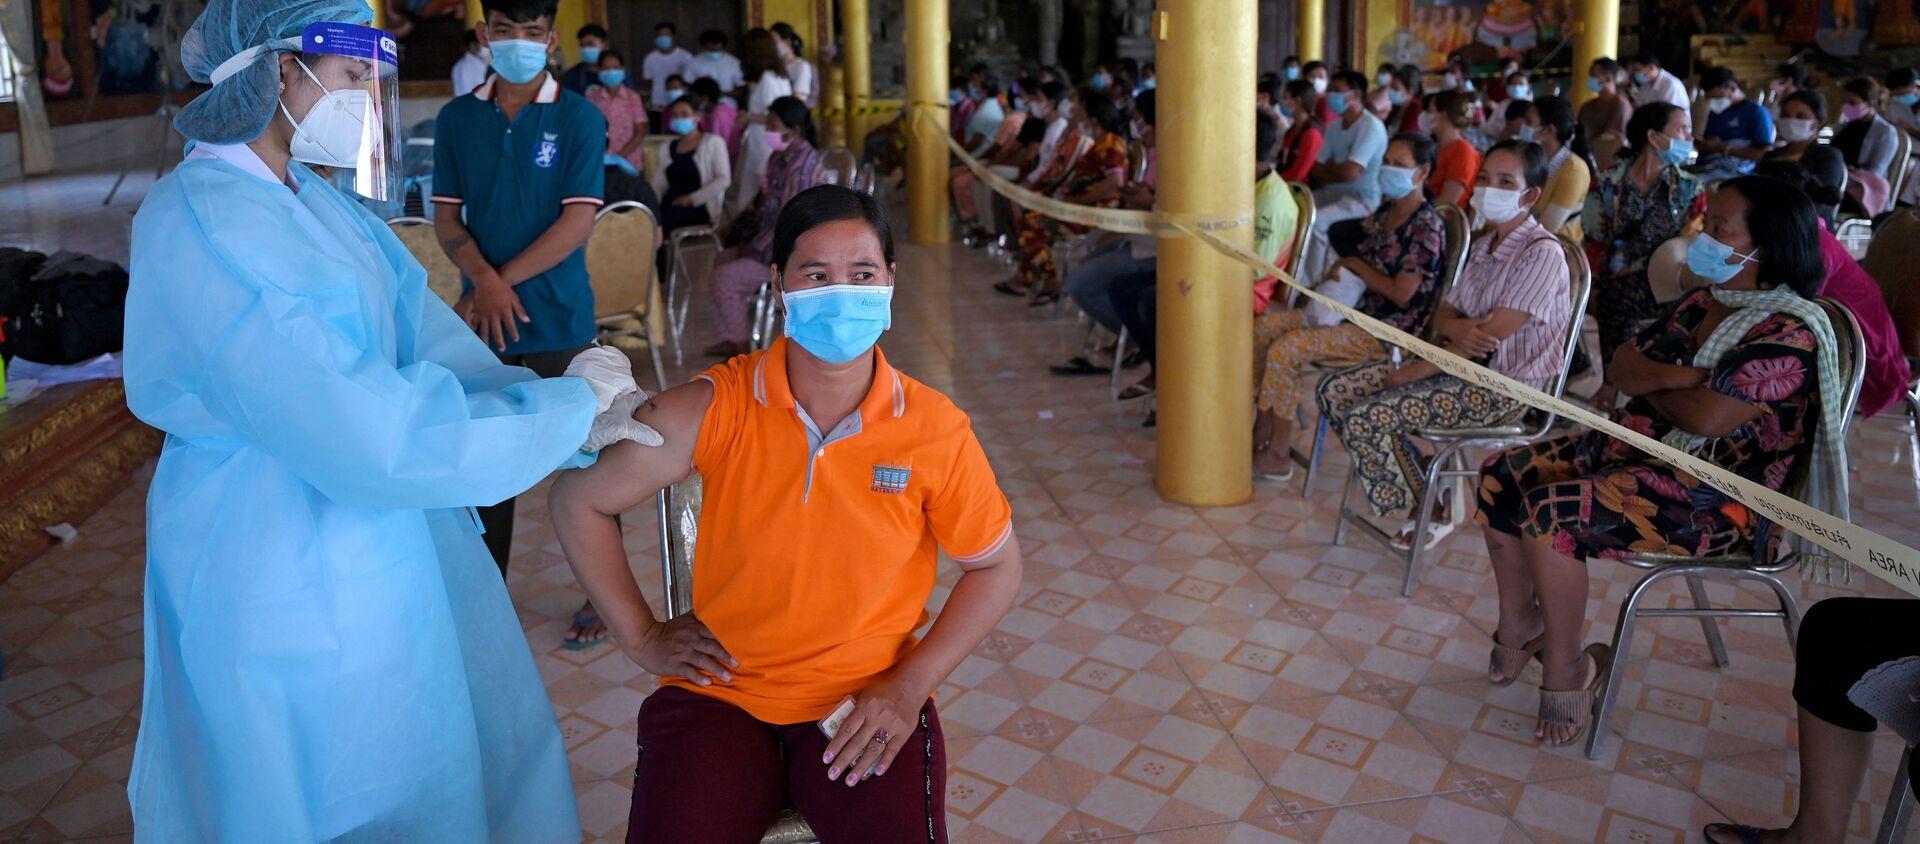 Tiêm chủng hàng loạt chống coronavirus bằng vắc xin Sinopharm của Trung Quốc ở tỉnh Kandal, Campuchia. - Sputnik Việt Nam, 1920, 15.06.2021